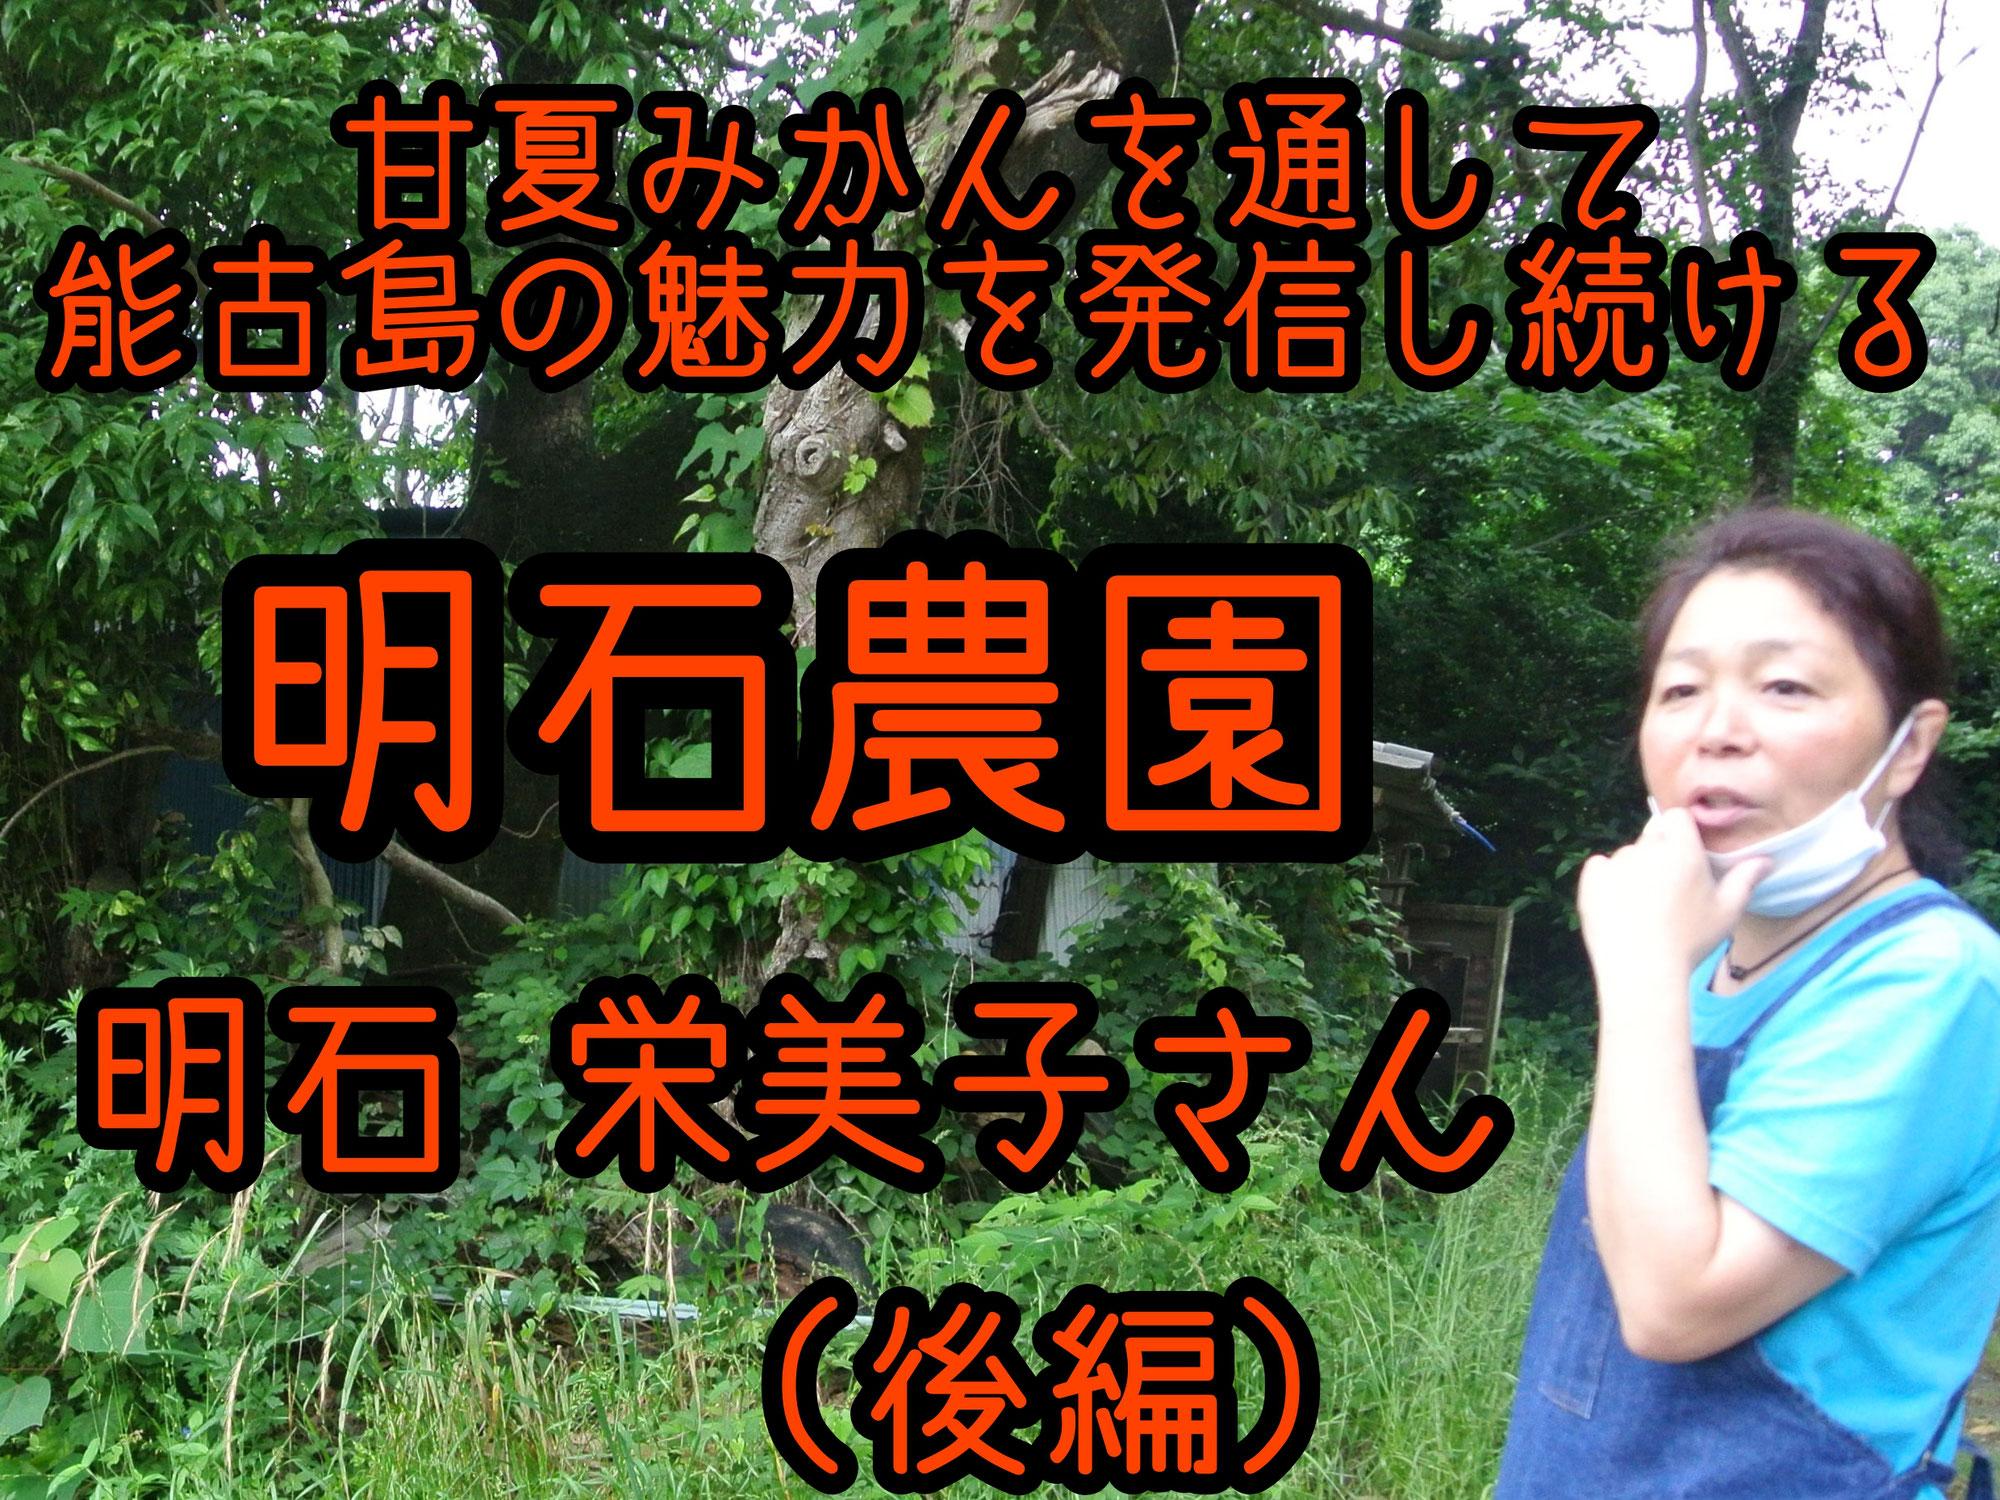 明石農園 明石栄美子さん 甘夏みかんを通じて能古島の魅力を発信し続ける明石さんの想う能古島の未来とは(後編)